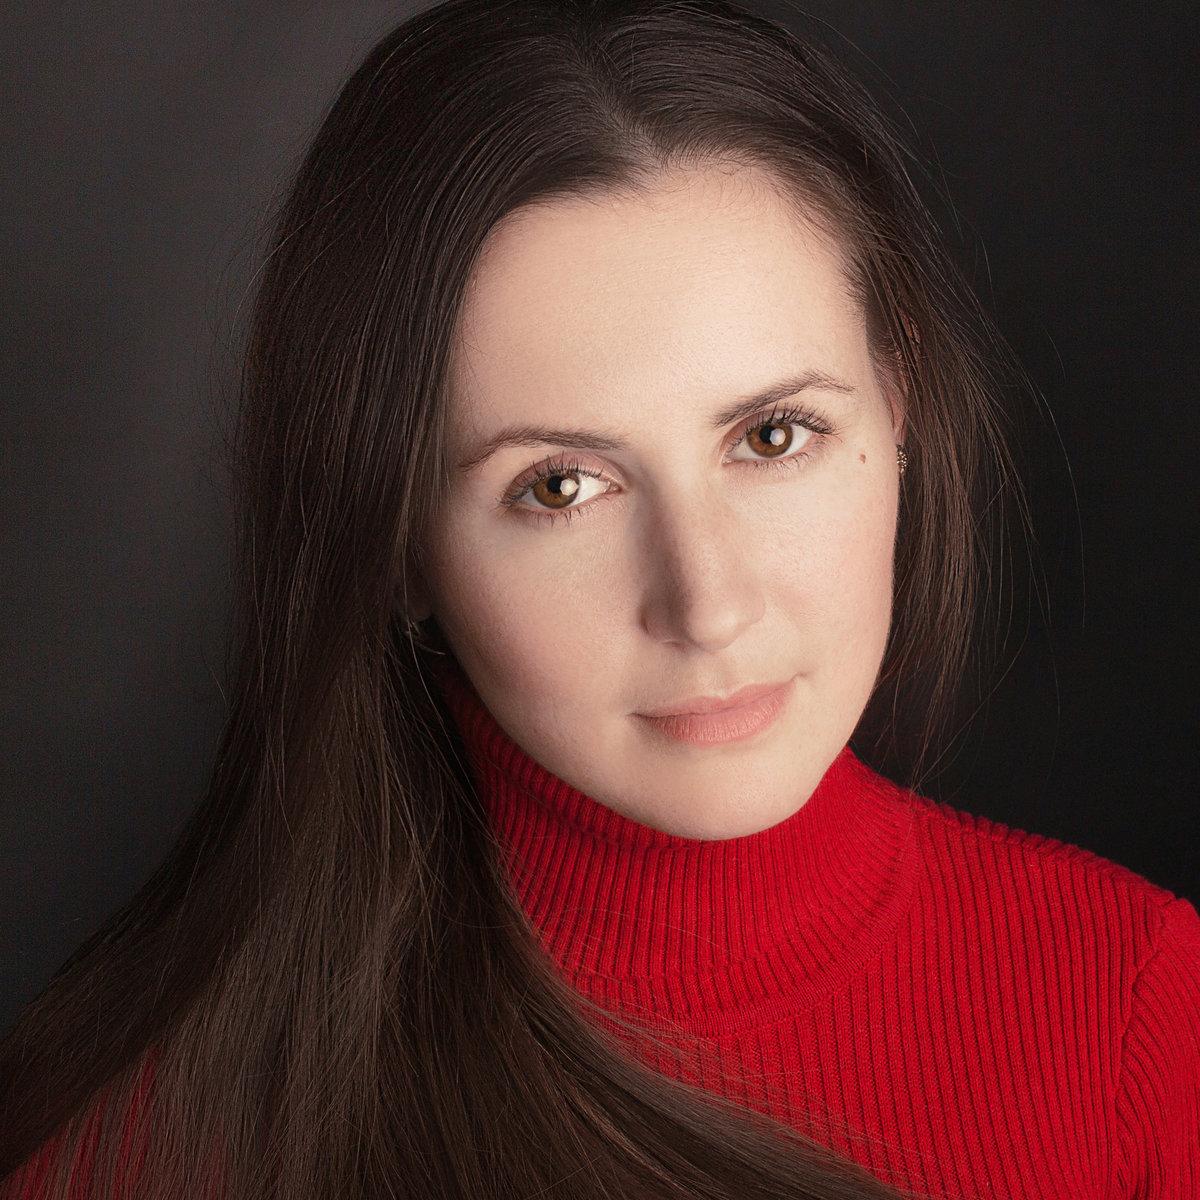 крымских пещерах сайт фотографы портреты говорят привлекательном внешнем